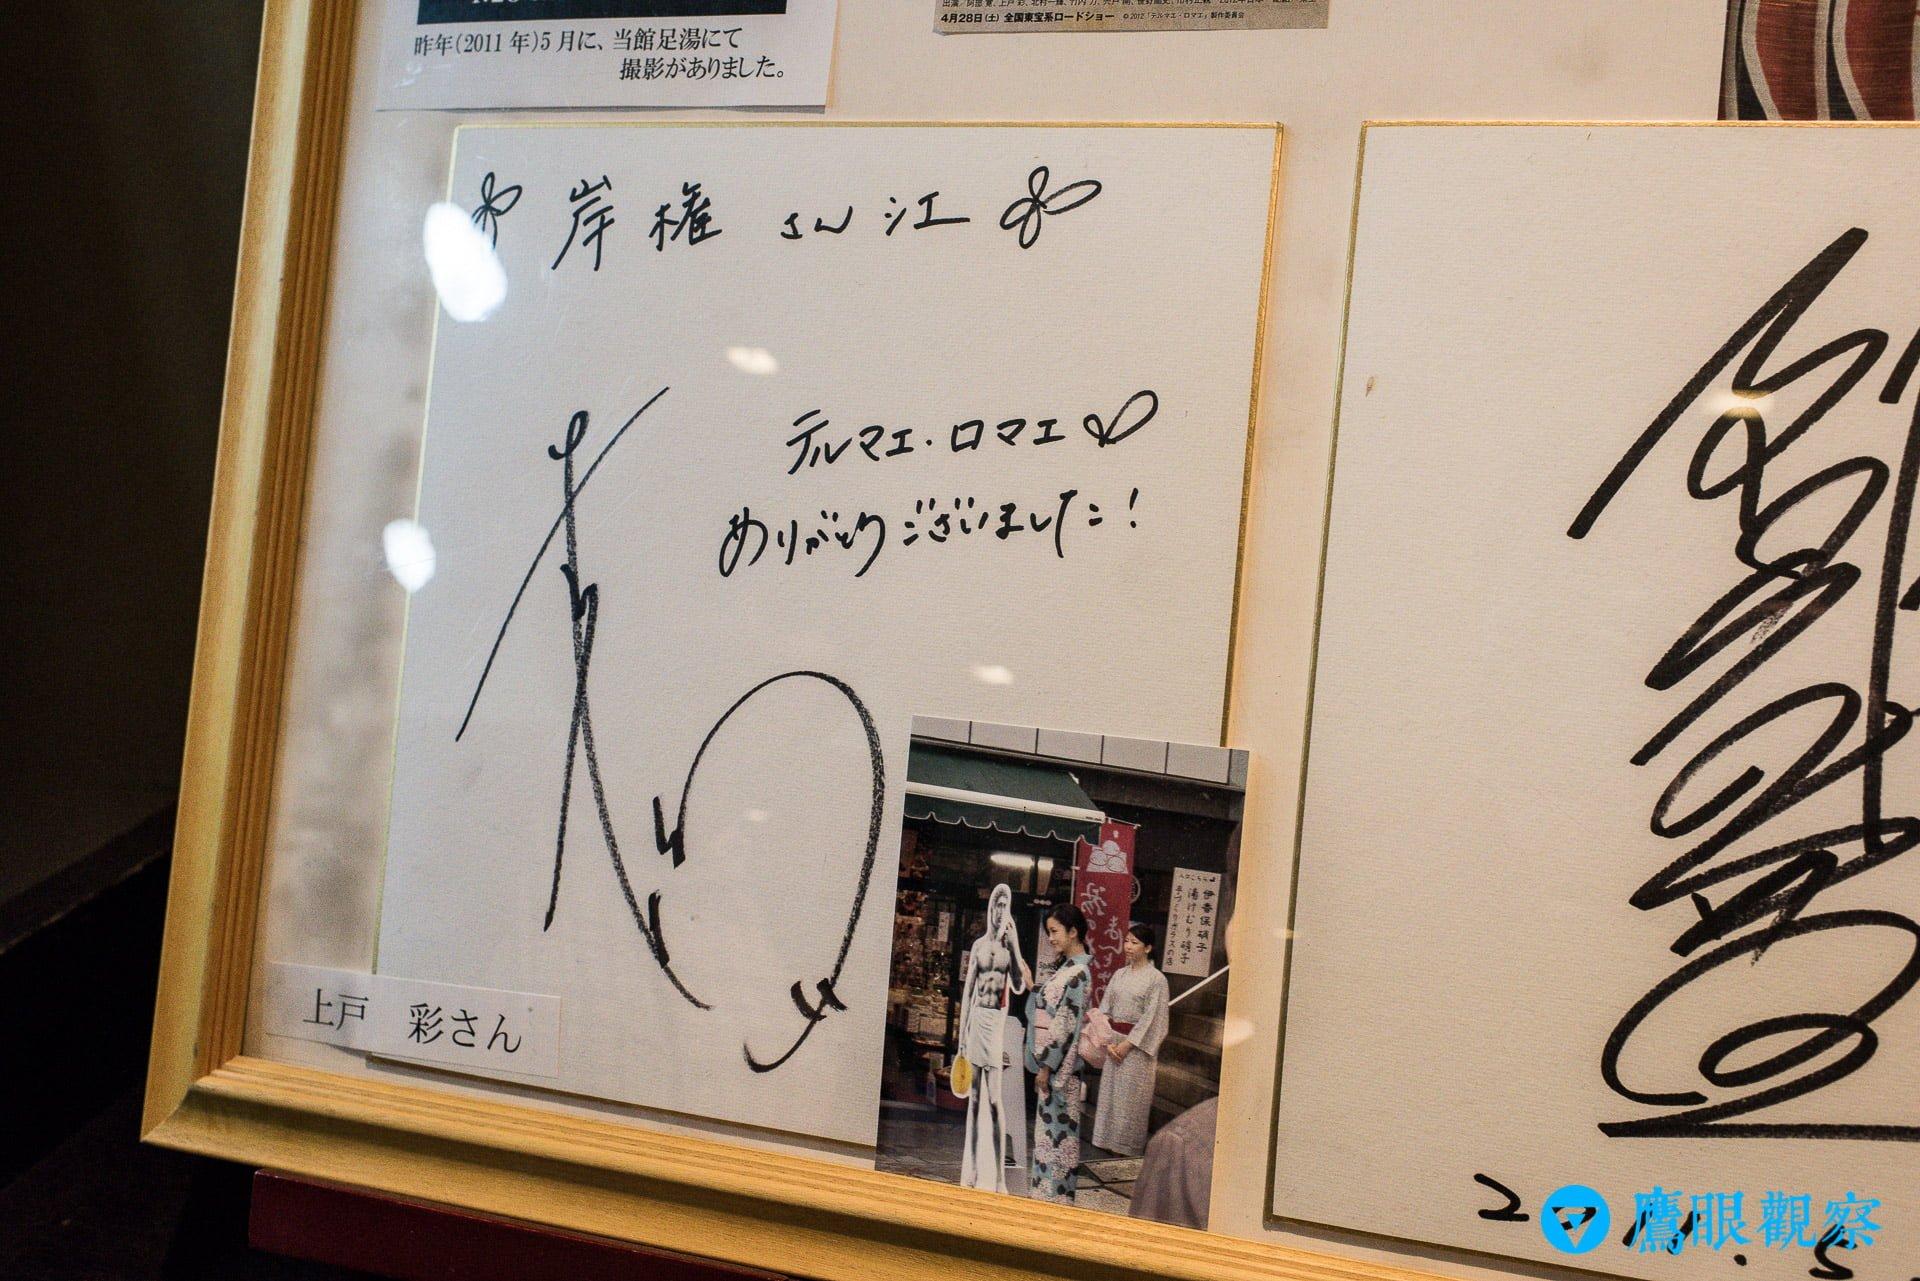 travel Japan gunma kishigon ryokan hotel in izumo spa hot spring 31 群馬縣伊香保溫泉「岸權旅館」日本旅館住宿推薦